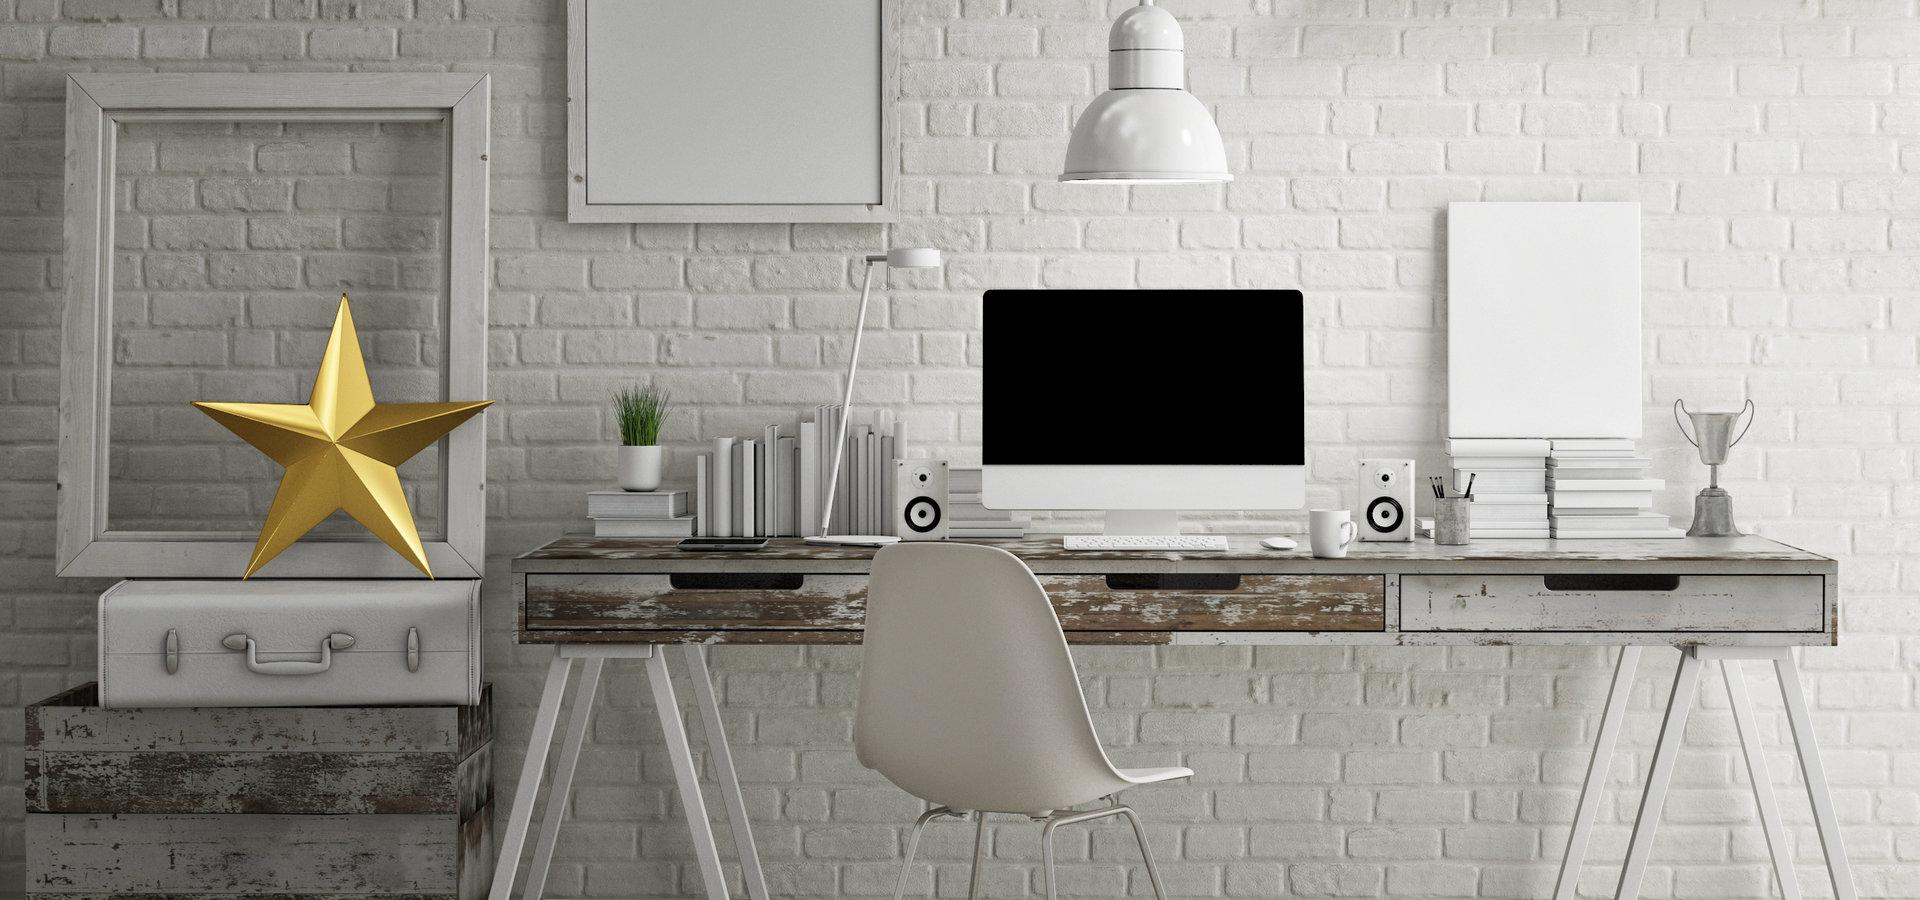 Jak odpowiednio oświetlić miejsce pracy?